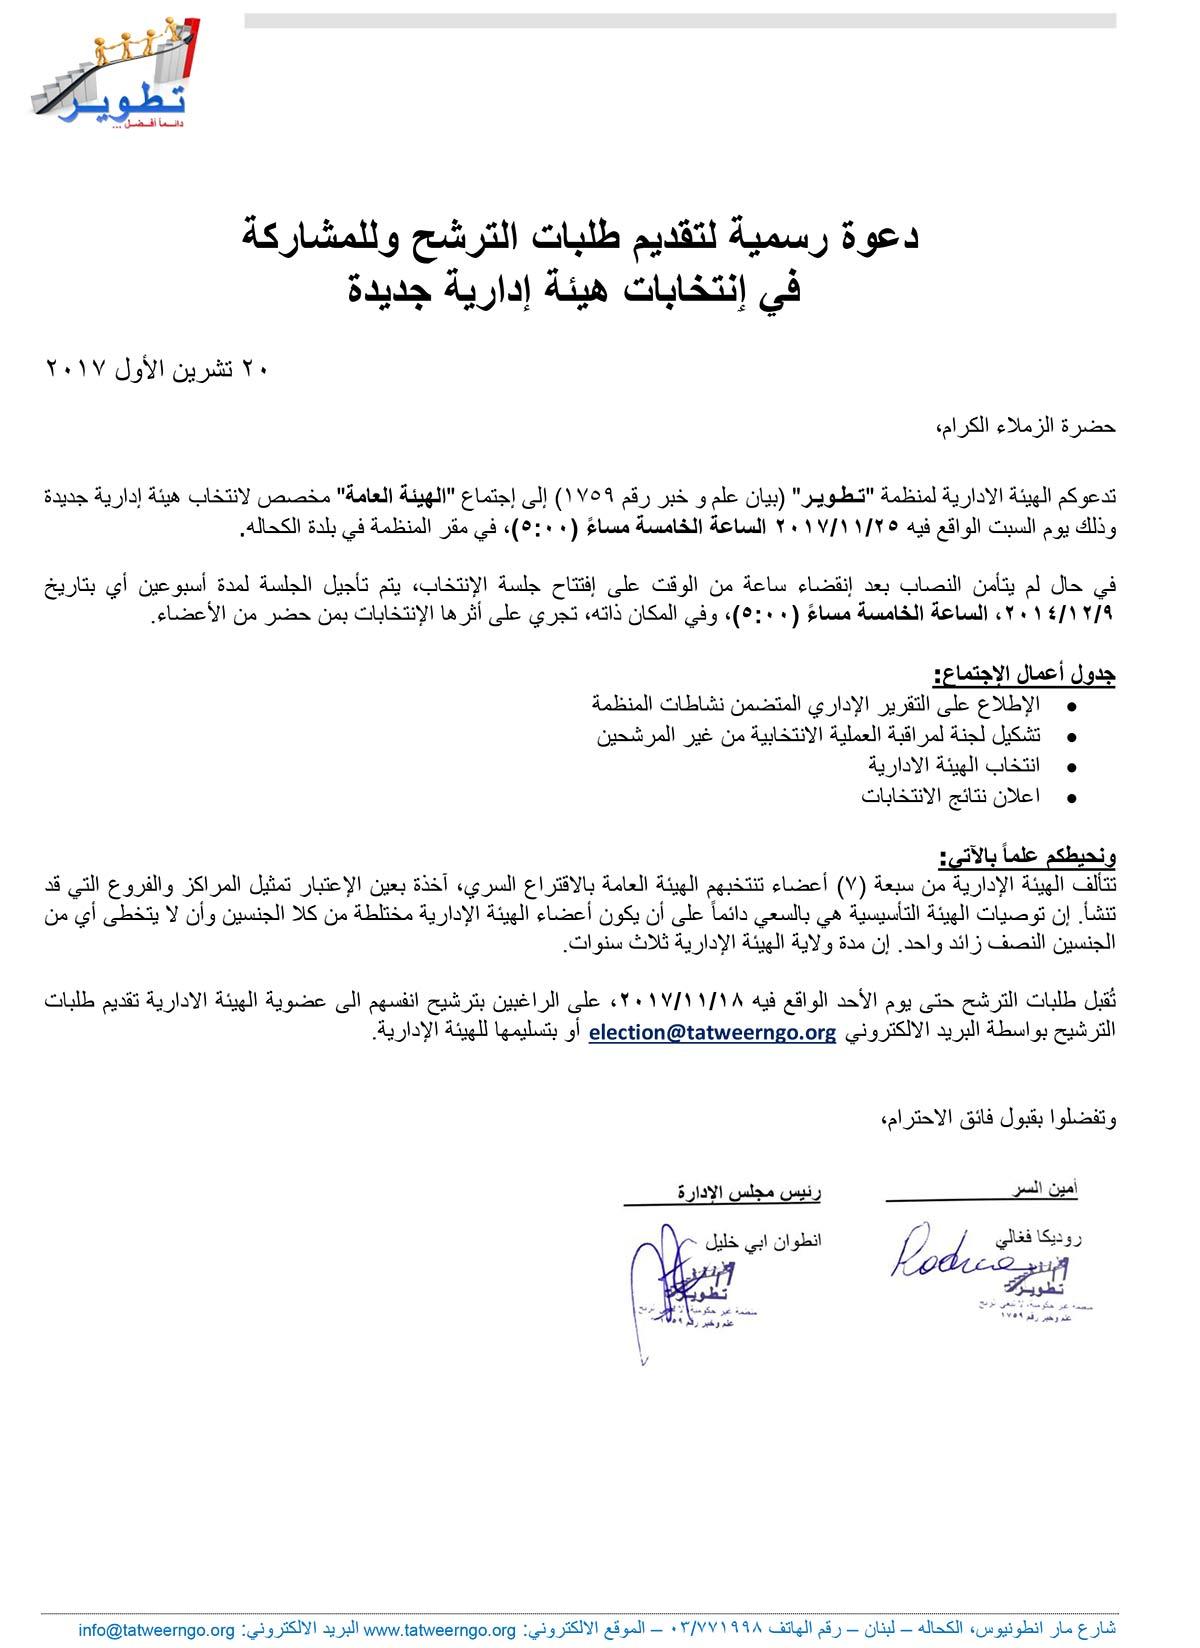 دعوة رسمية لتقديم طلبات الترشح وللمشاركة في ٳنتخابات هيئة إدارية جديدة